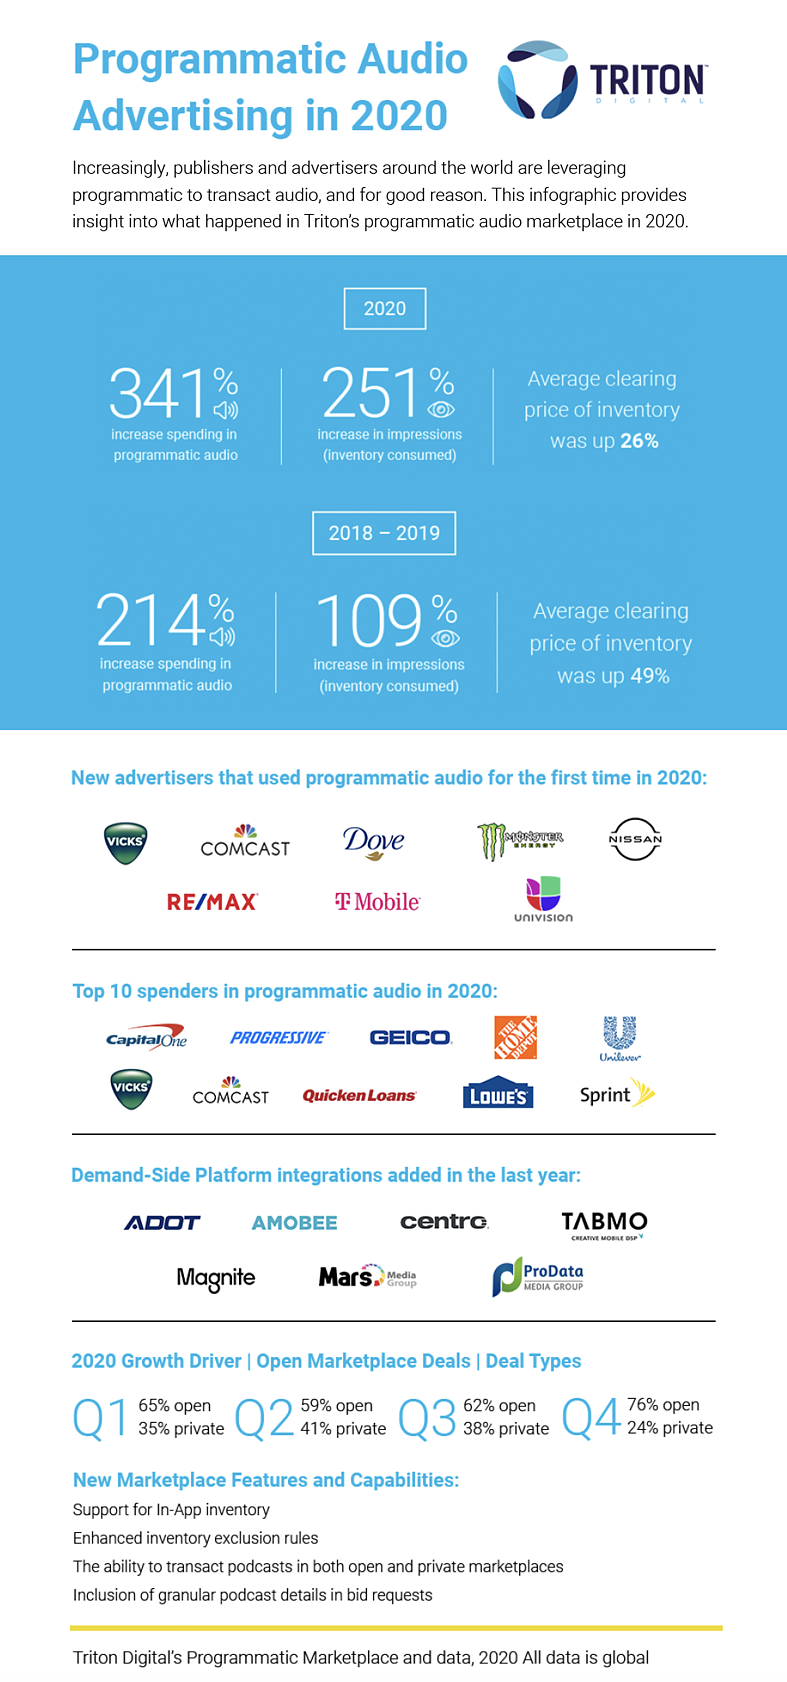 Triton_2020 Programmatic Milestone Infographic_english_FINAL